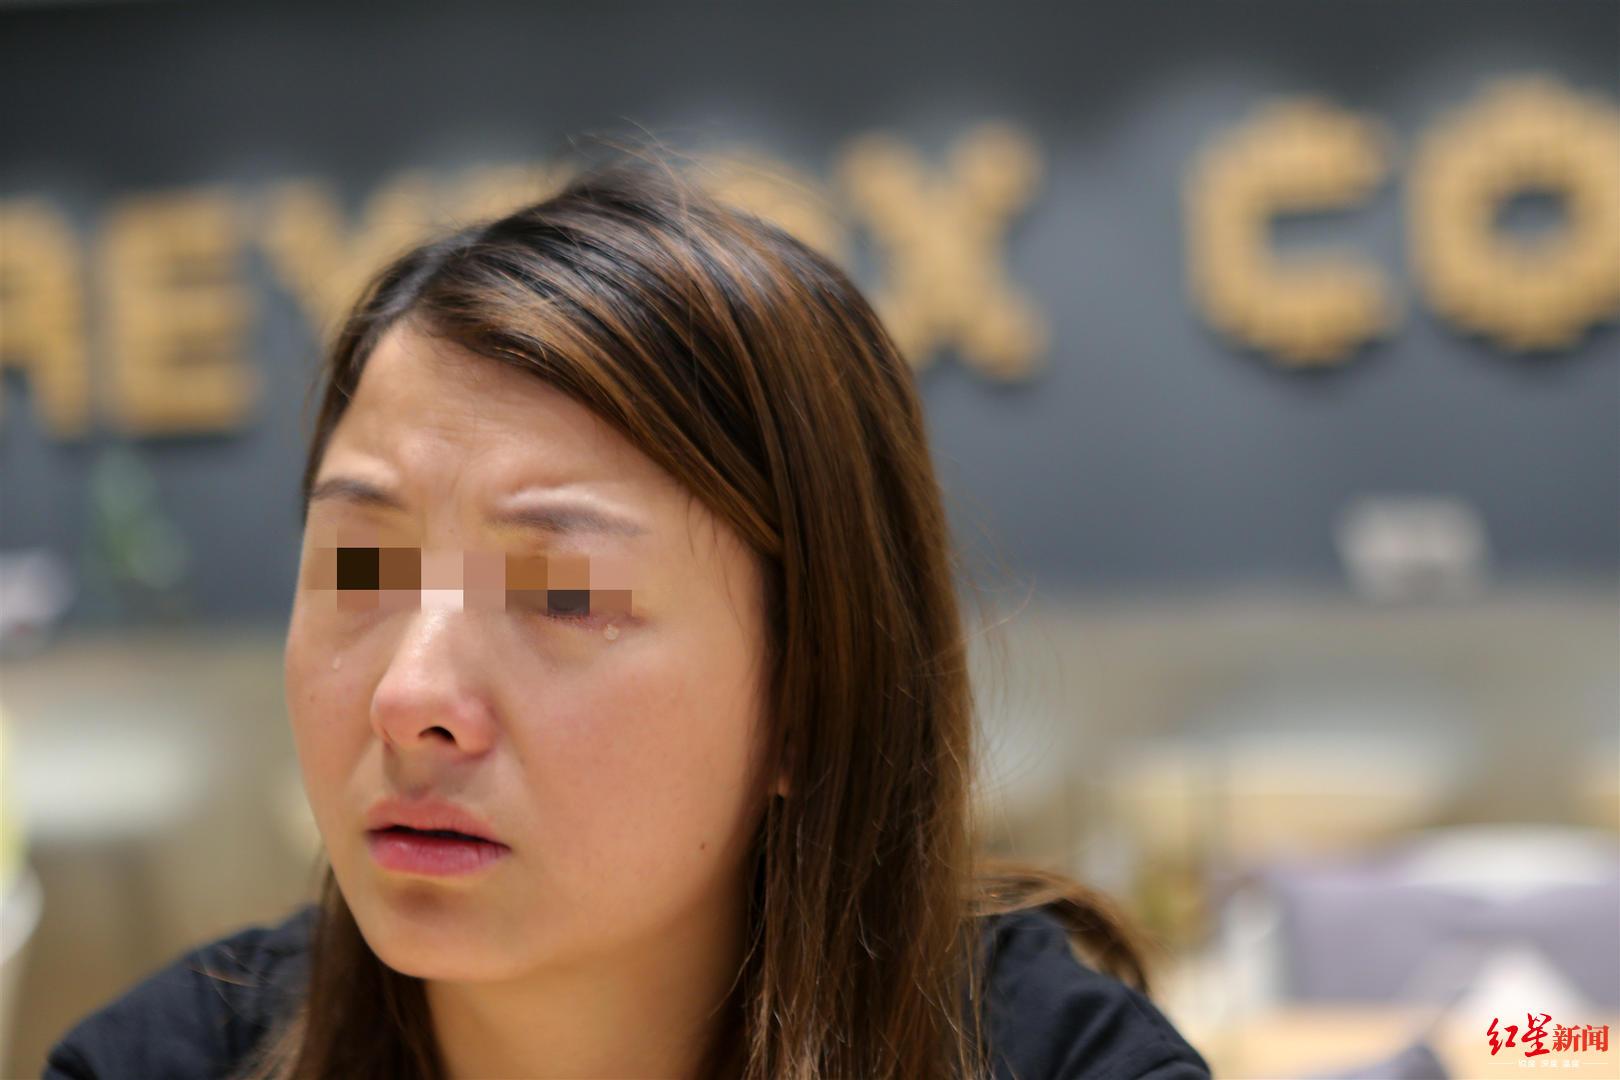 旅游西昌遭殴打女子:没挑拨他人关系 不识打人者